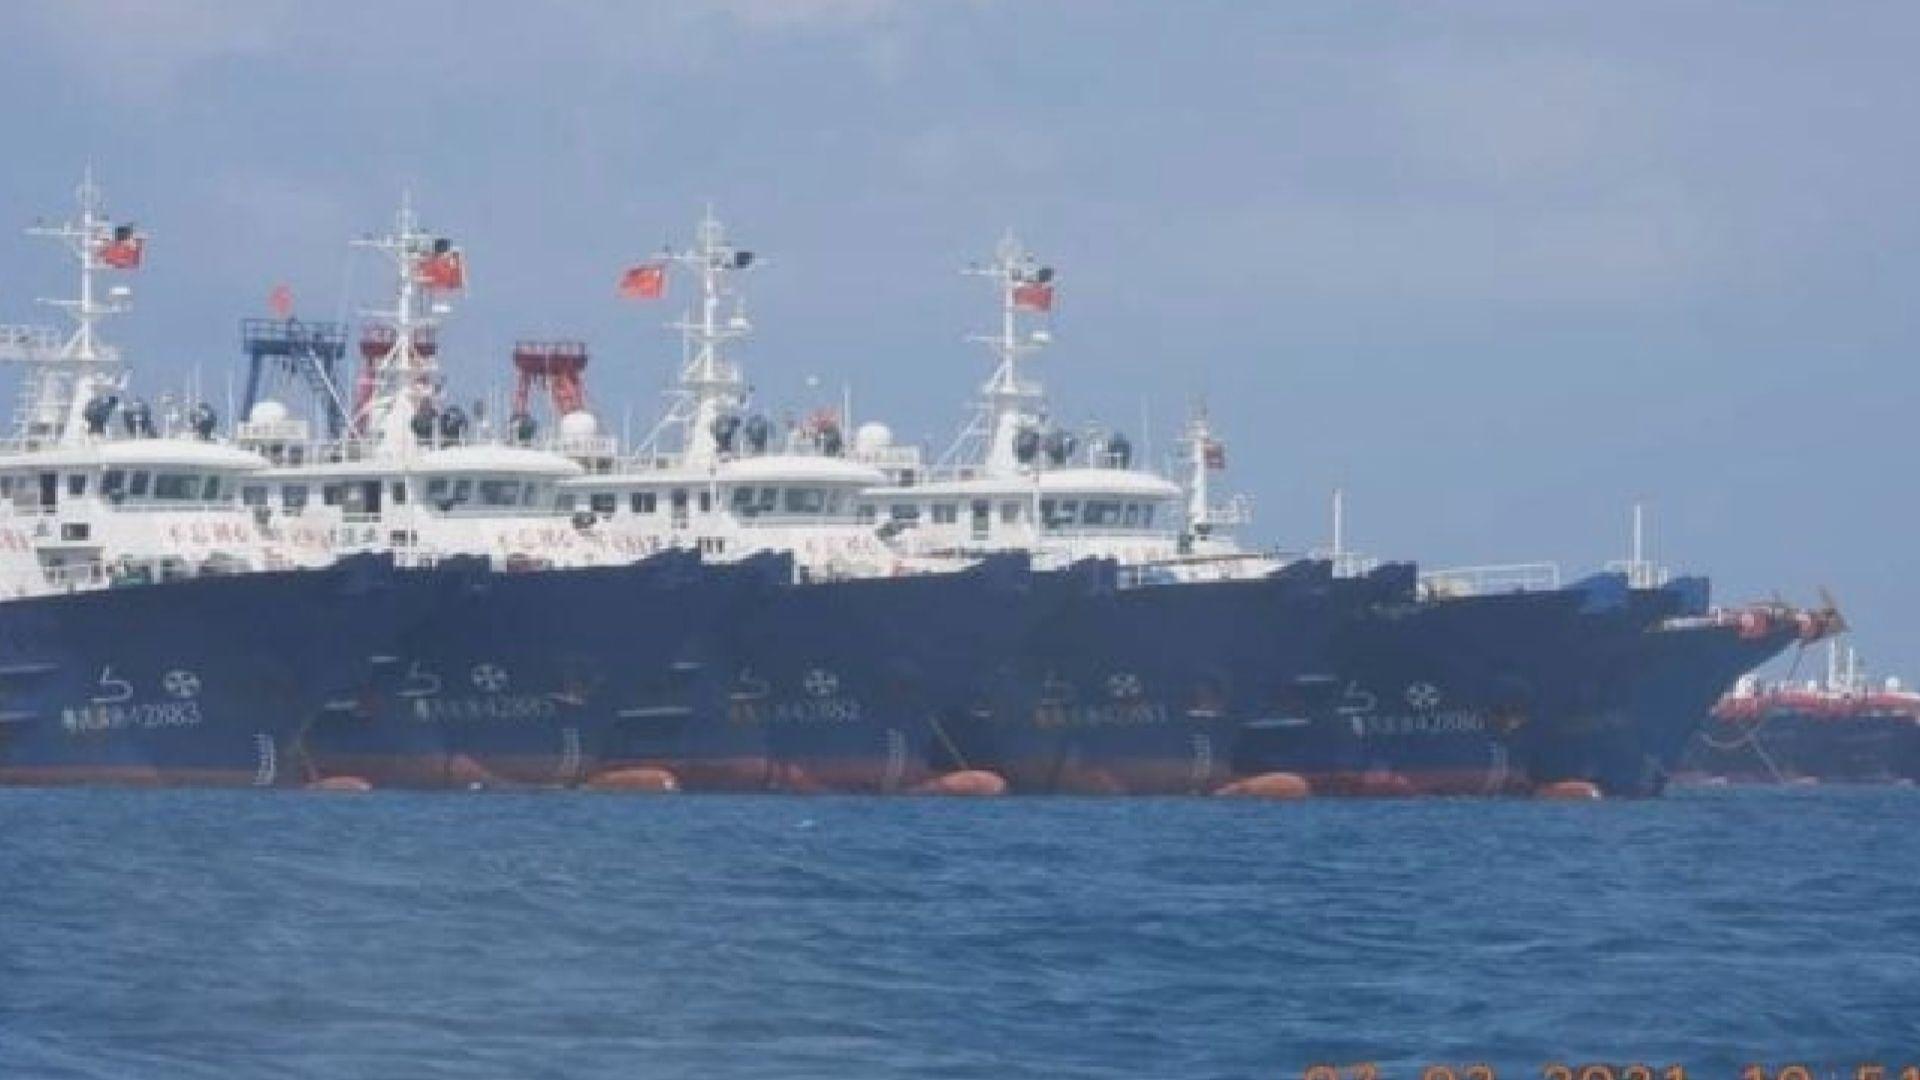 中國船隻現牛軛礁 菲律賓總統稱會保護領土